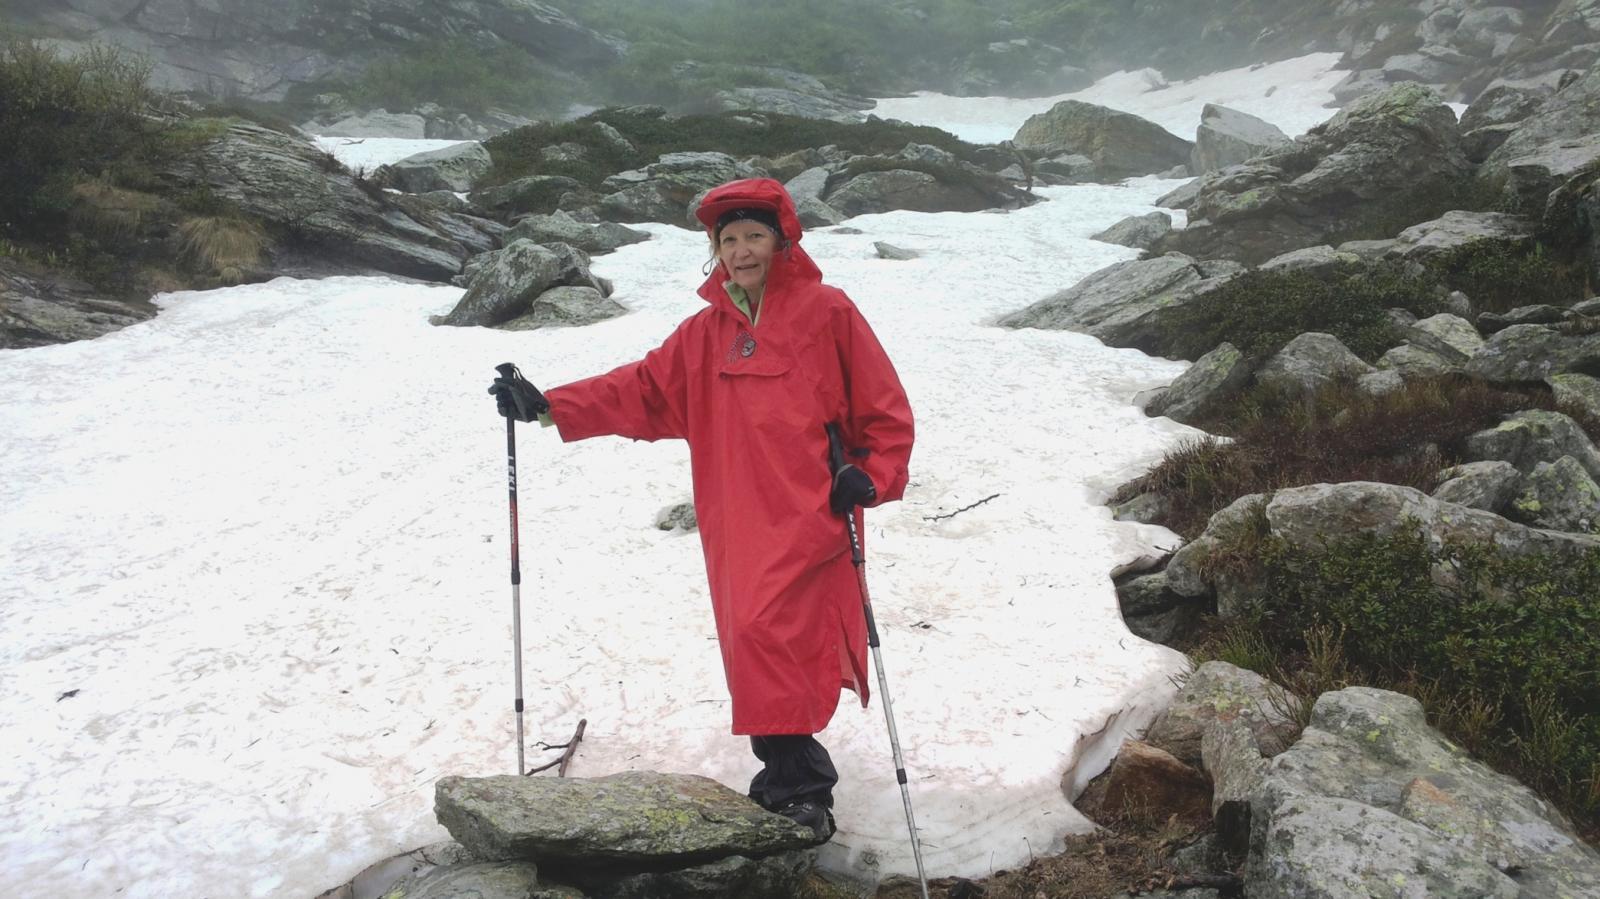 ancora nevai sul percorso